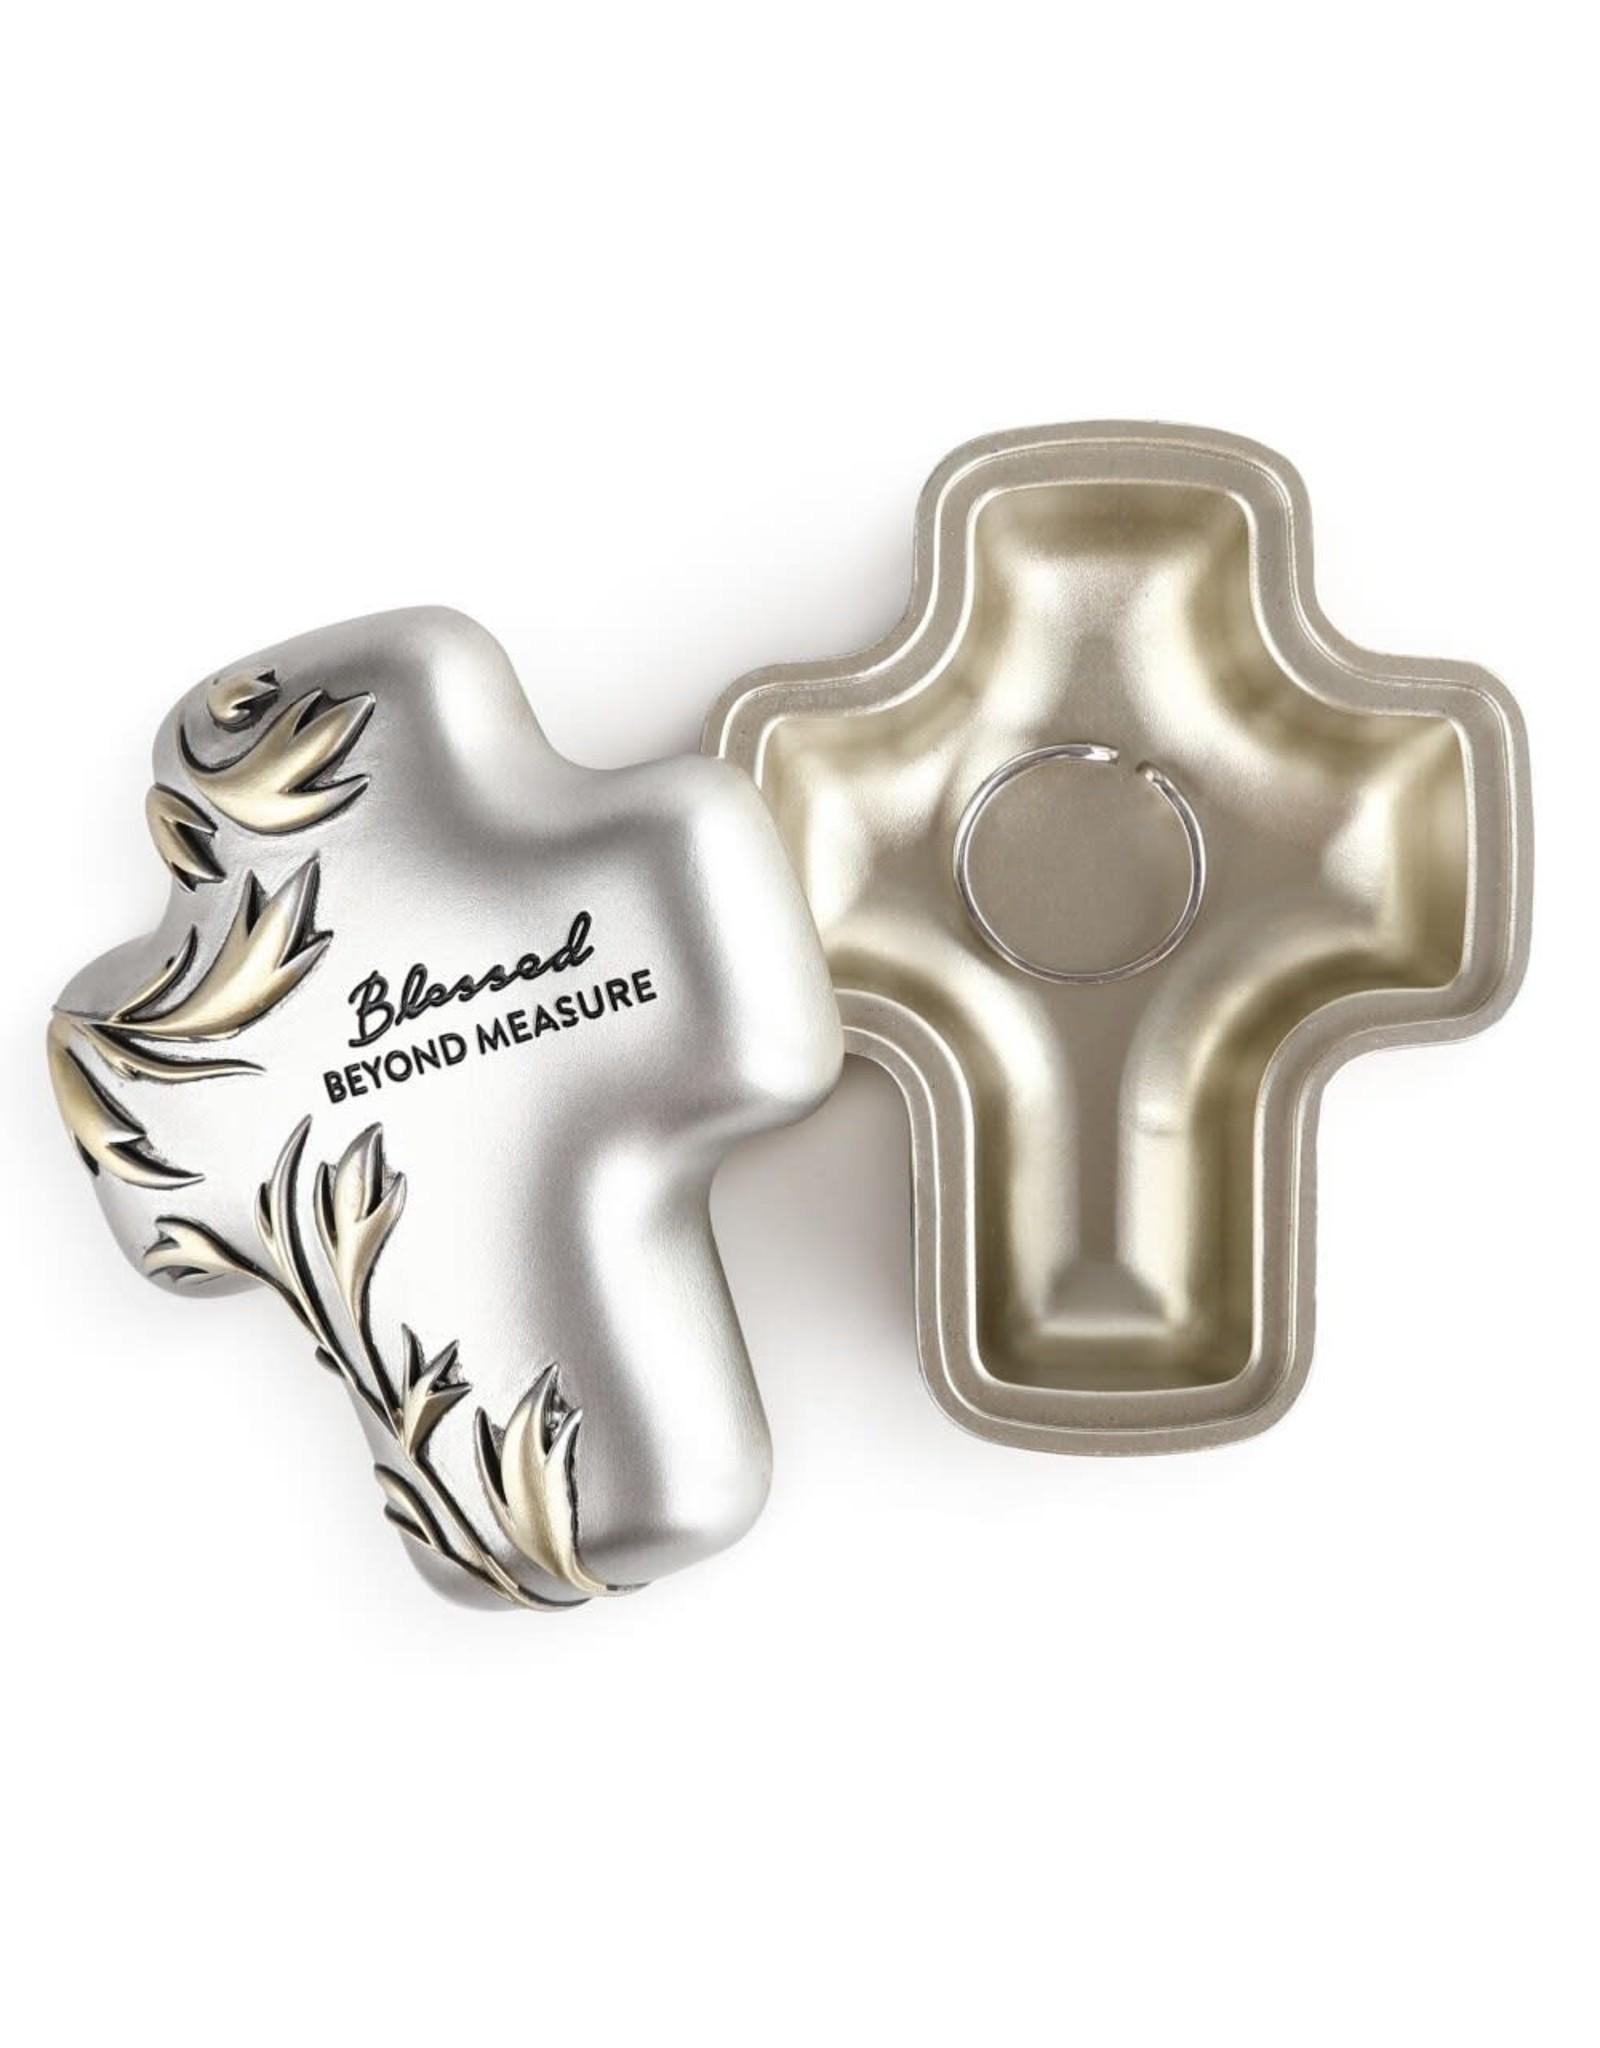 Artful Cross Keeper 5 Designs